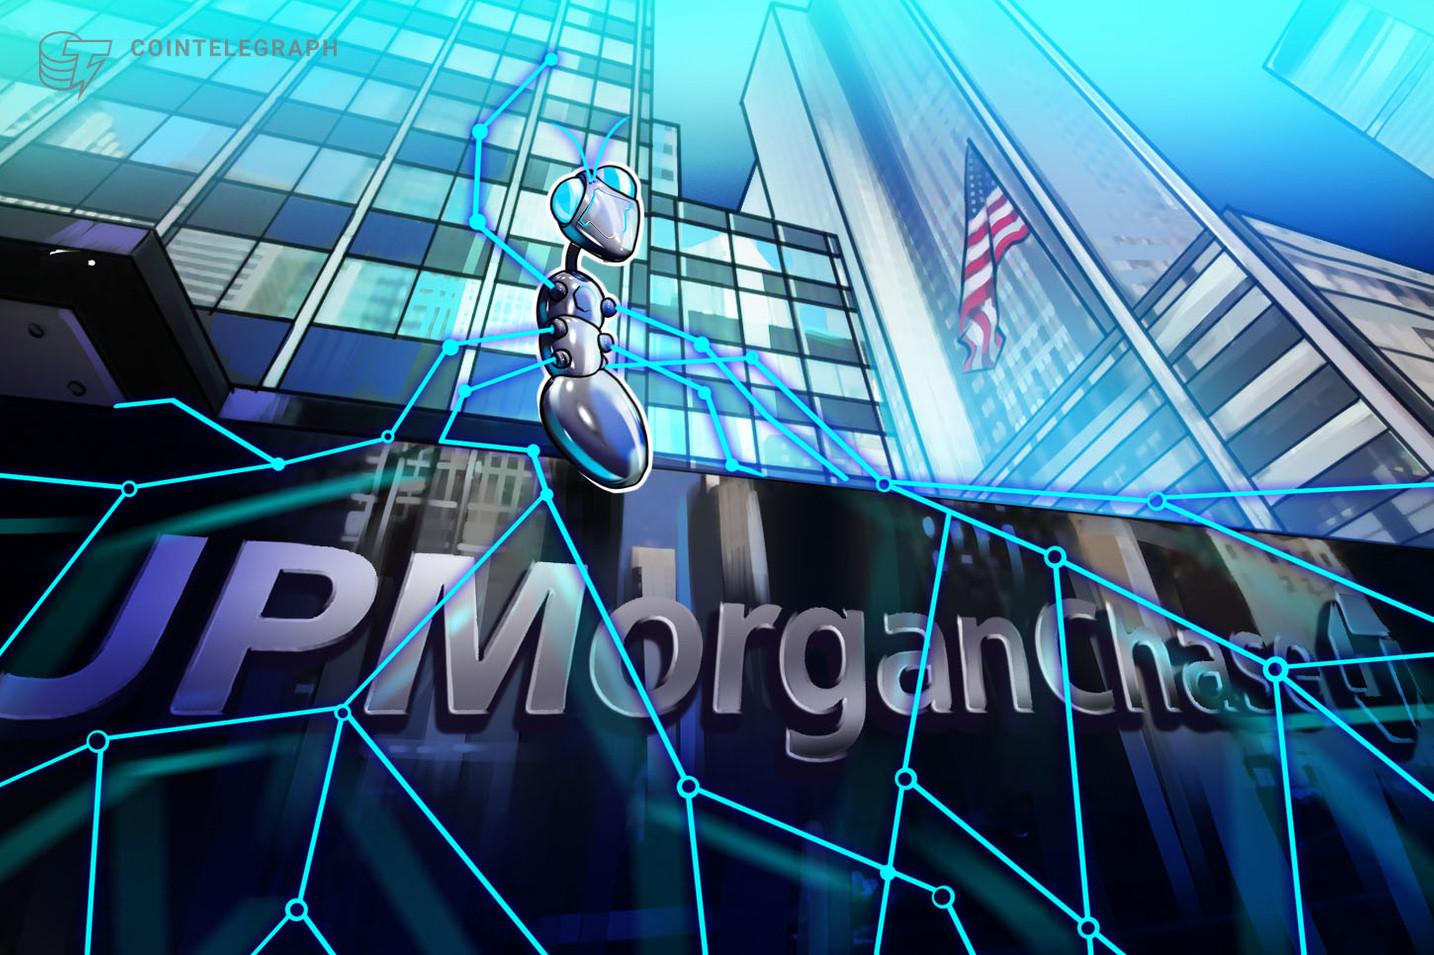 JPモルガン、仮想通貨イーサリアム基盤の独自プラットフォーム「クオラム」で匿名取引機能を強化